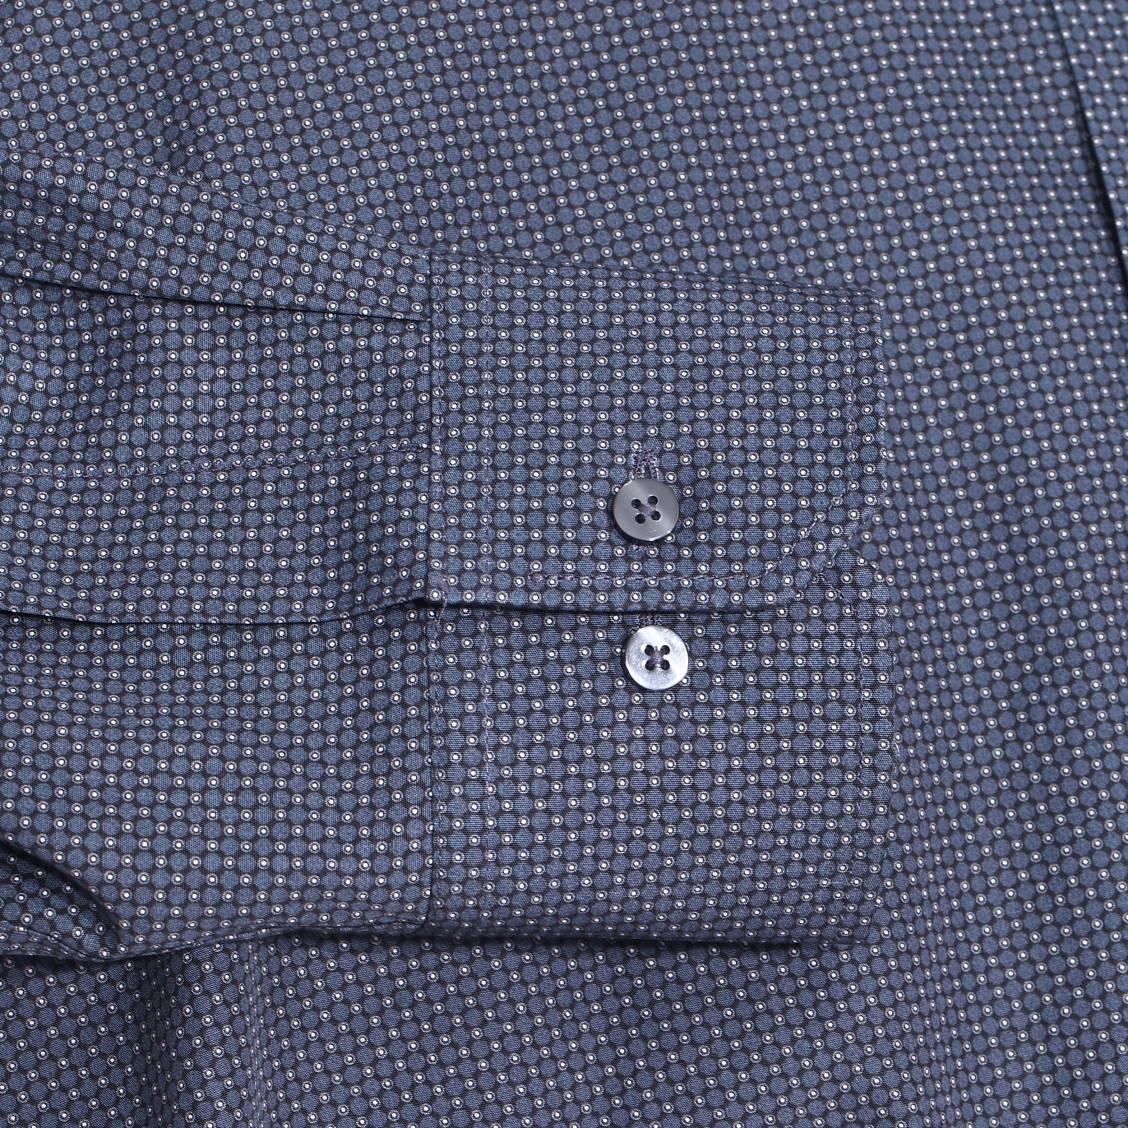 chemise droite eterna en coton noir petits pois bleu marine gris anthracite et blancs rue. Black Bedroom Furniture Sets. Home Design Ideas